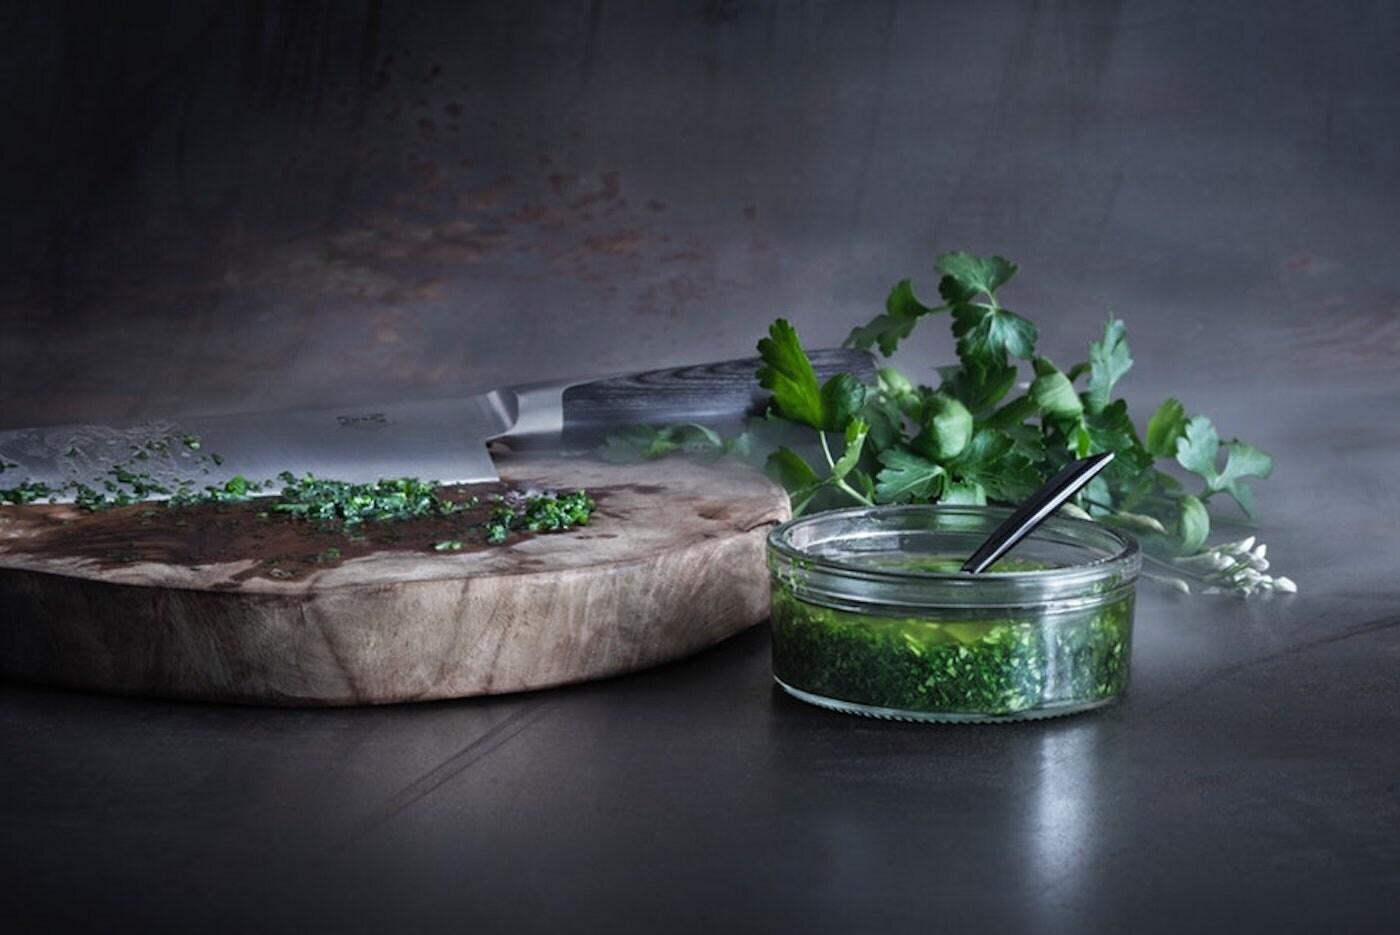 Lecker Kochen & Essen